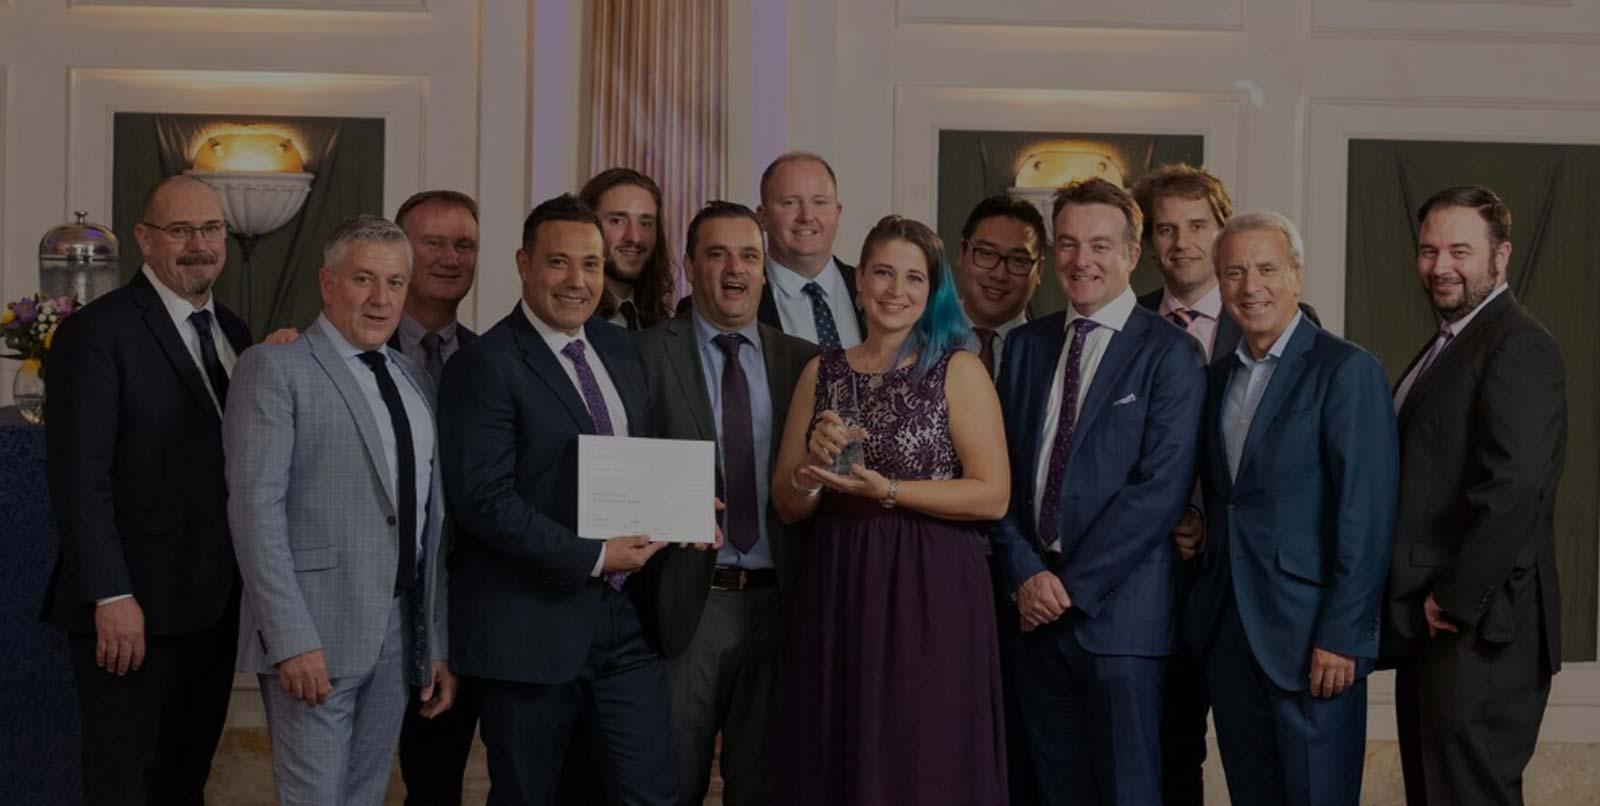 blog-icomm-polycom-partner-awards-roundup